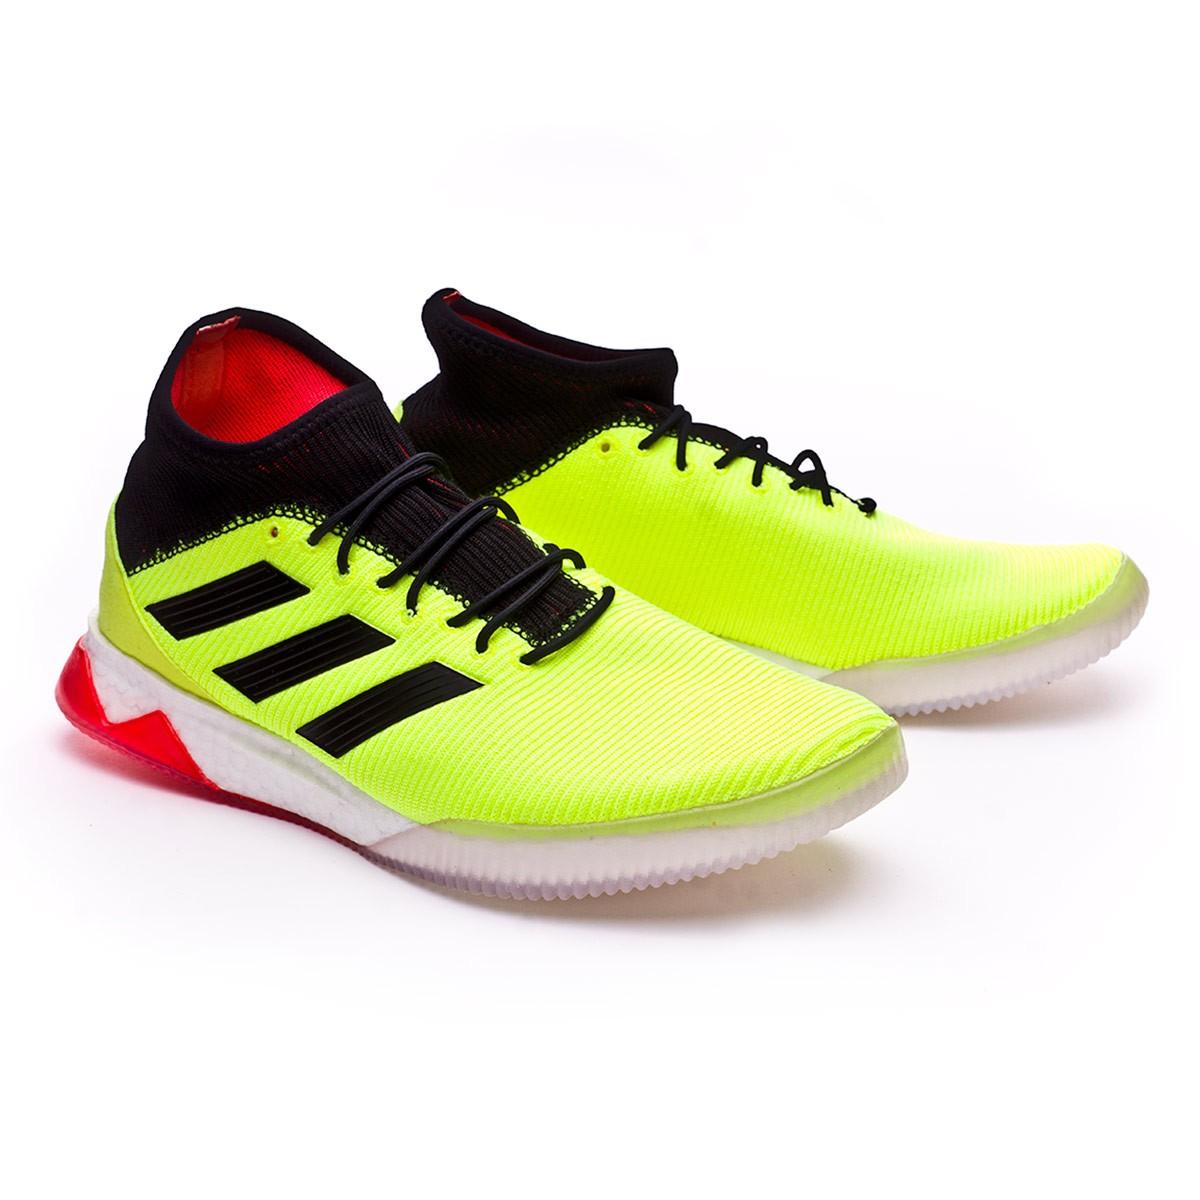 sports shoes 22bde 3fc4e adidas Predator Tango 18.1 TR Trainers